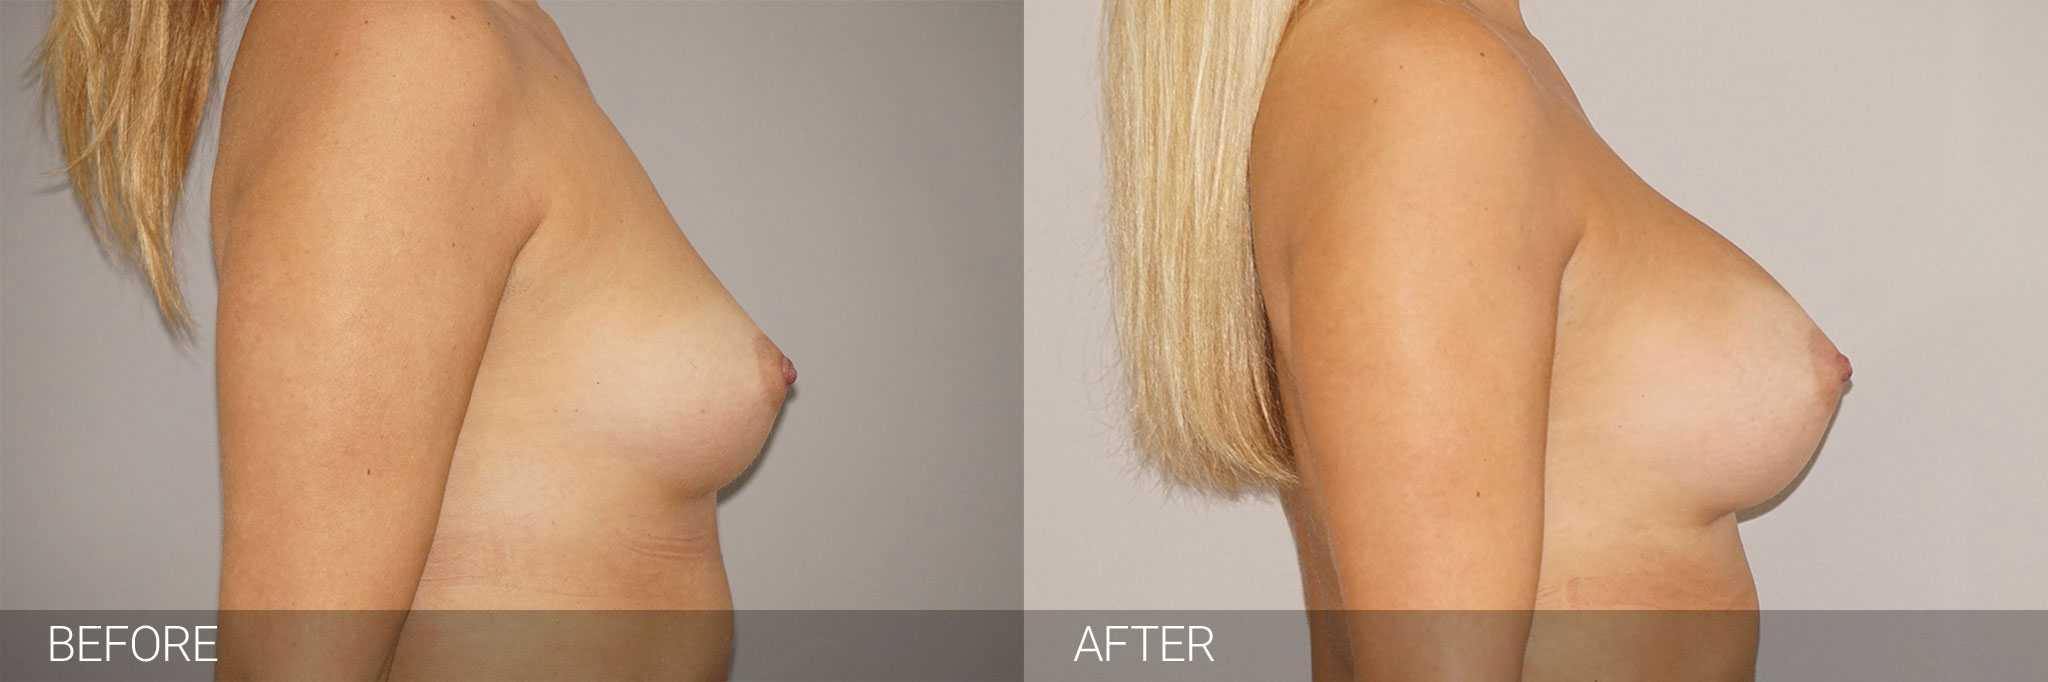 Augmentation mammaire Prothèses mammaires 280cc profil haut ante/post-op III